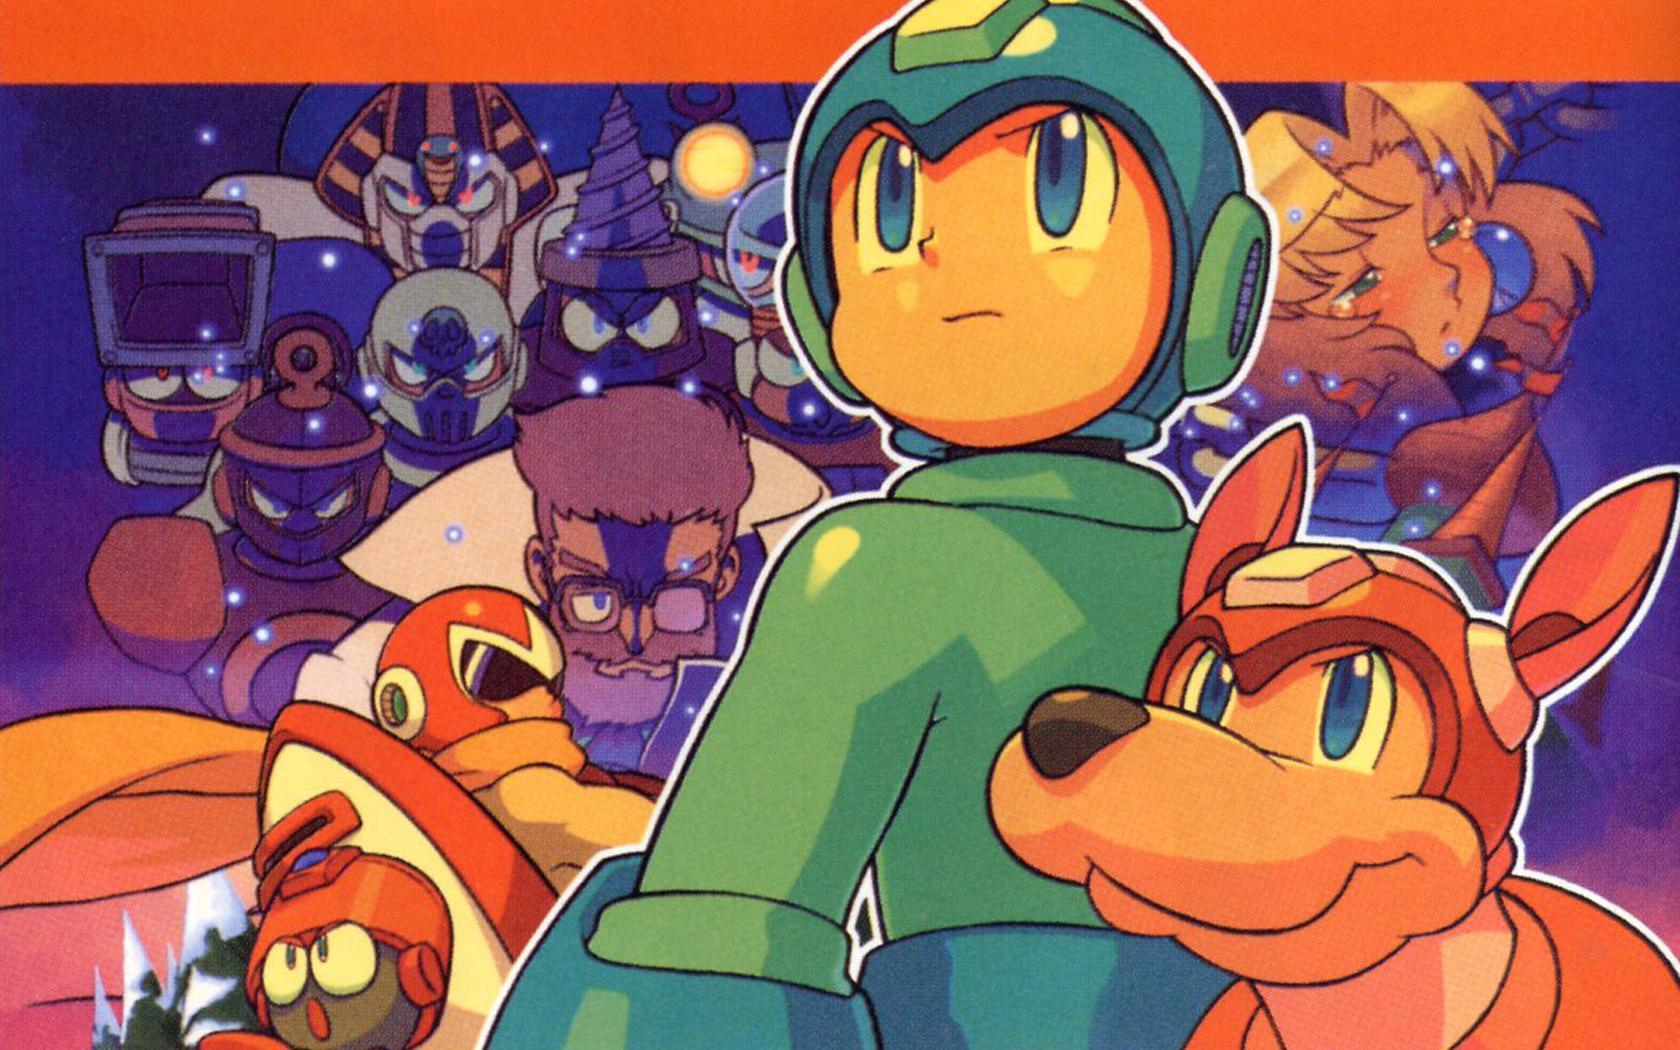 Megaman X Wallpaper - WallpaperSafari